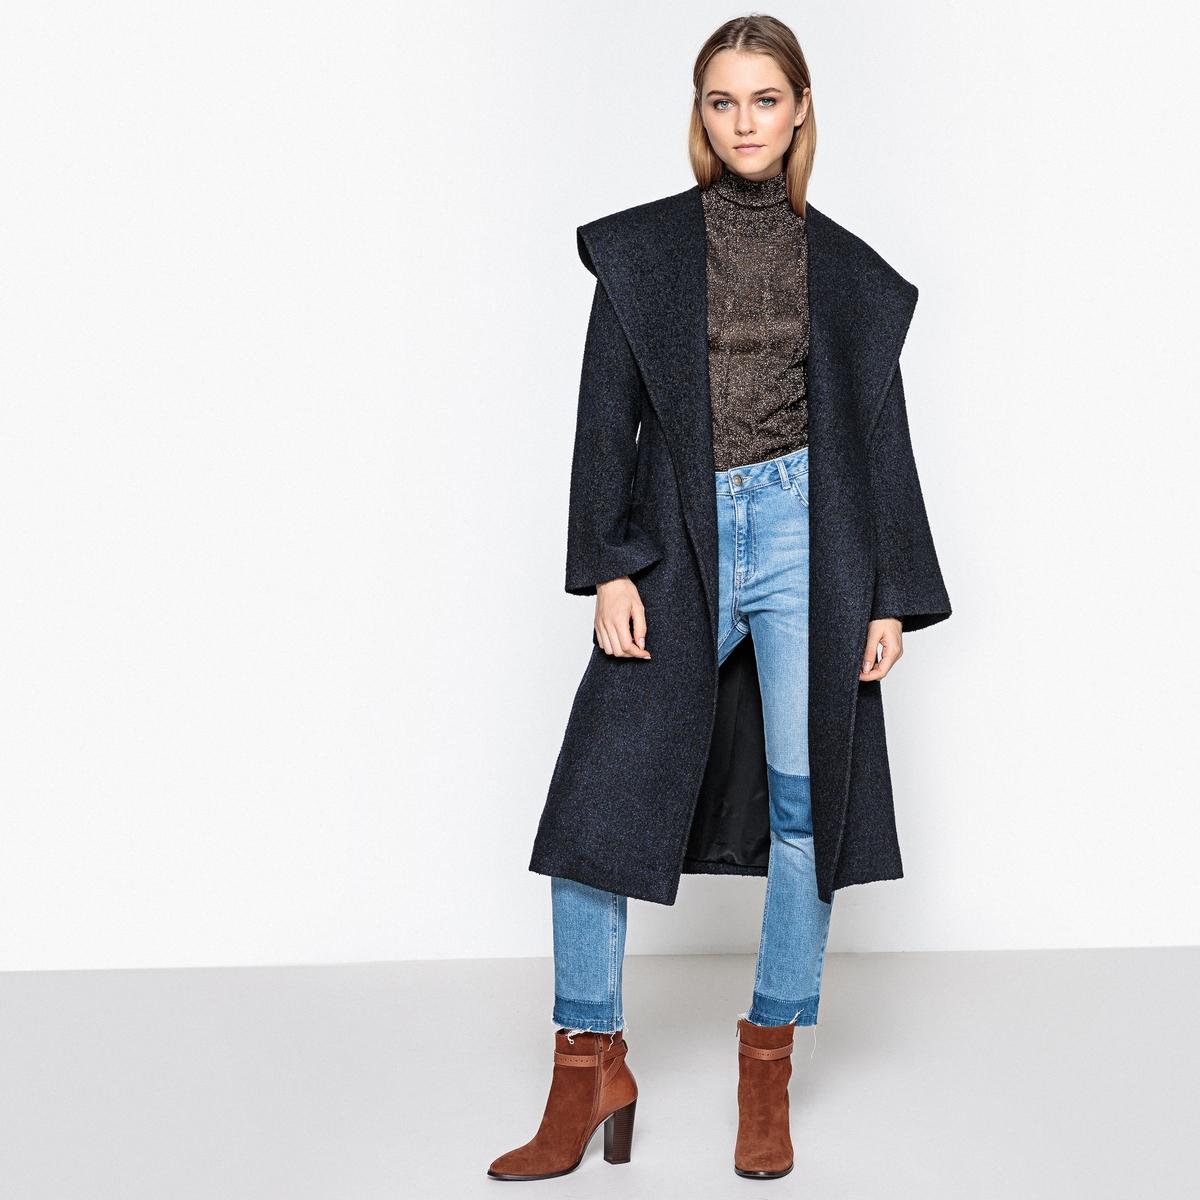 Пальто с капюшоном длинноеОписание:Пальто добавит еще больше стиля зимой ! Пальто с широким воротником, объемного покроя, в котором тамк уютно и тепло Детали •  Длина : удлиненная модель •  Капюшон •  Застежка на кнопки •  С капюшономСостав и уход •  60% акрила, 10% других волокон, 30% полиэстера •  Подкладка : 100% полиэстер • Не стиратьДеликатная сухая чистка / не отбеливать   •  Не использовать барабанную сушку •  Низкая температура глажки •  Длина : 109 см<br><br>Цвет: синий морской<br>Размер: 34 (FR) - 40 (RUS).50 (FR) - 56 (RUS)